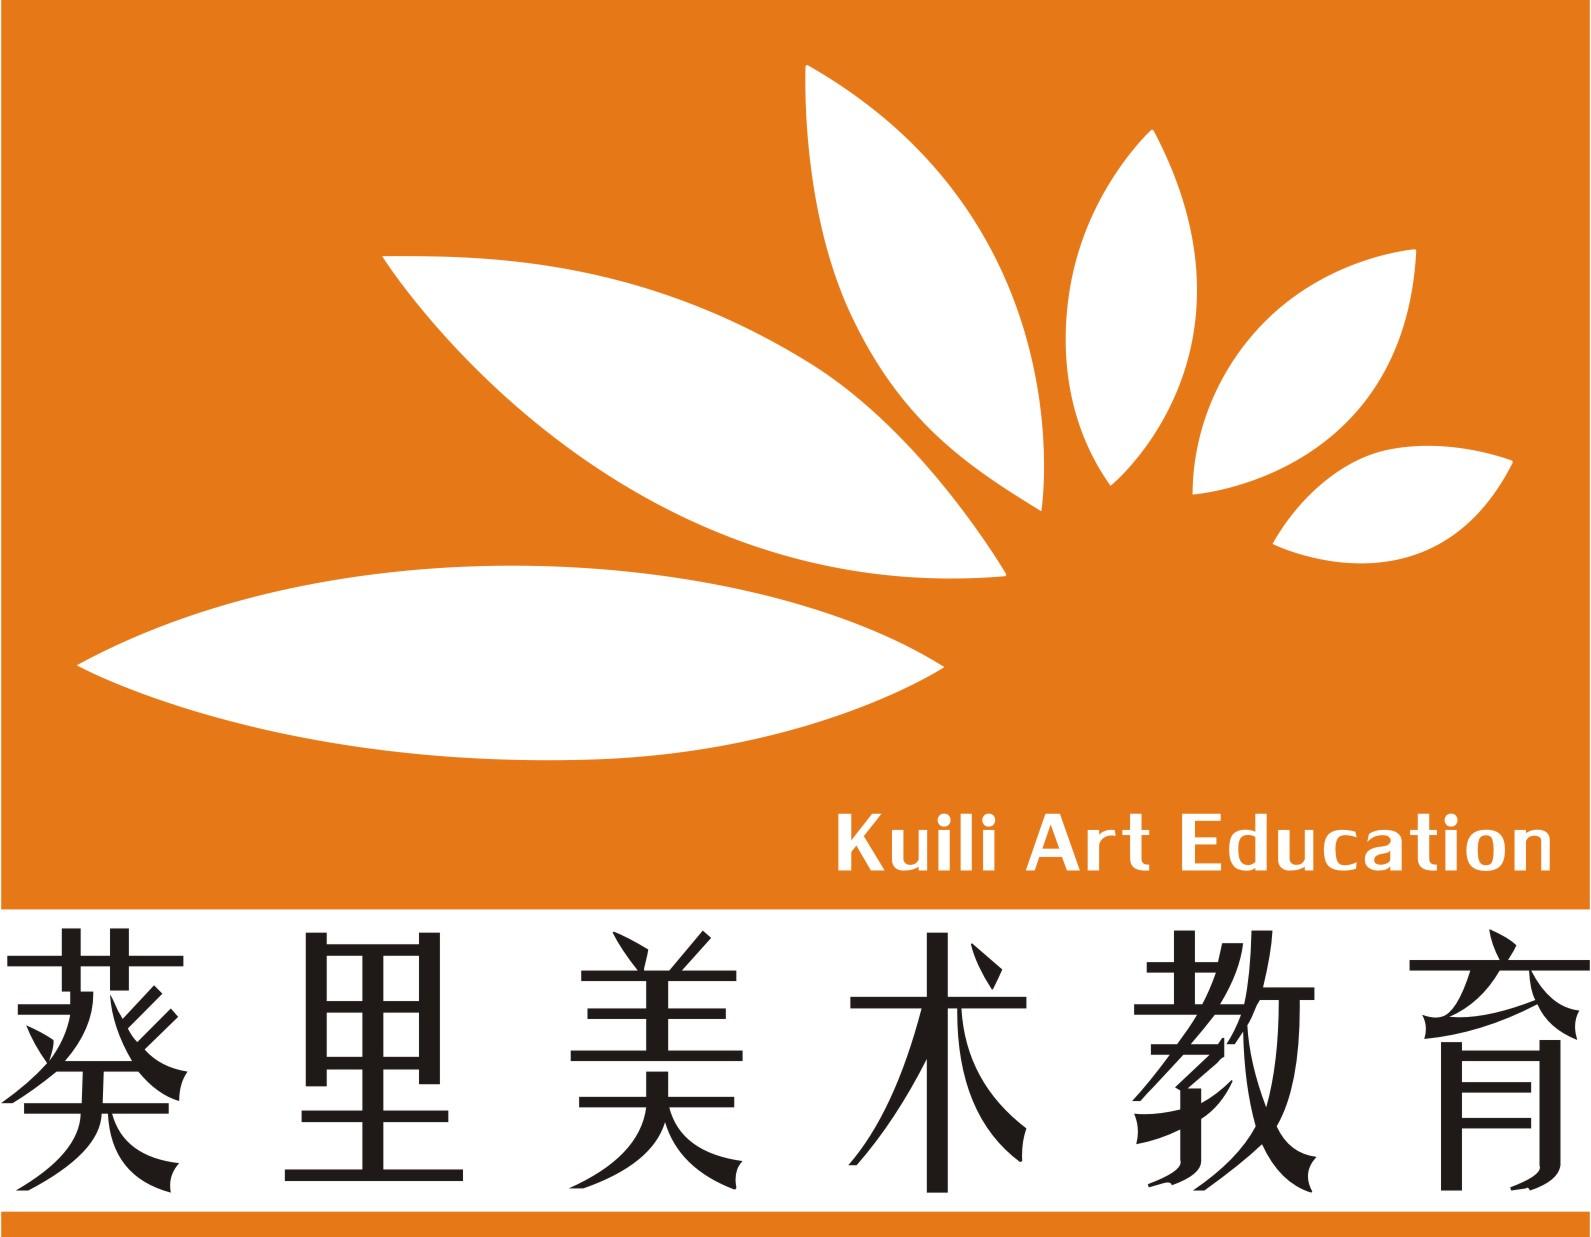 画室logo图片素材